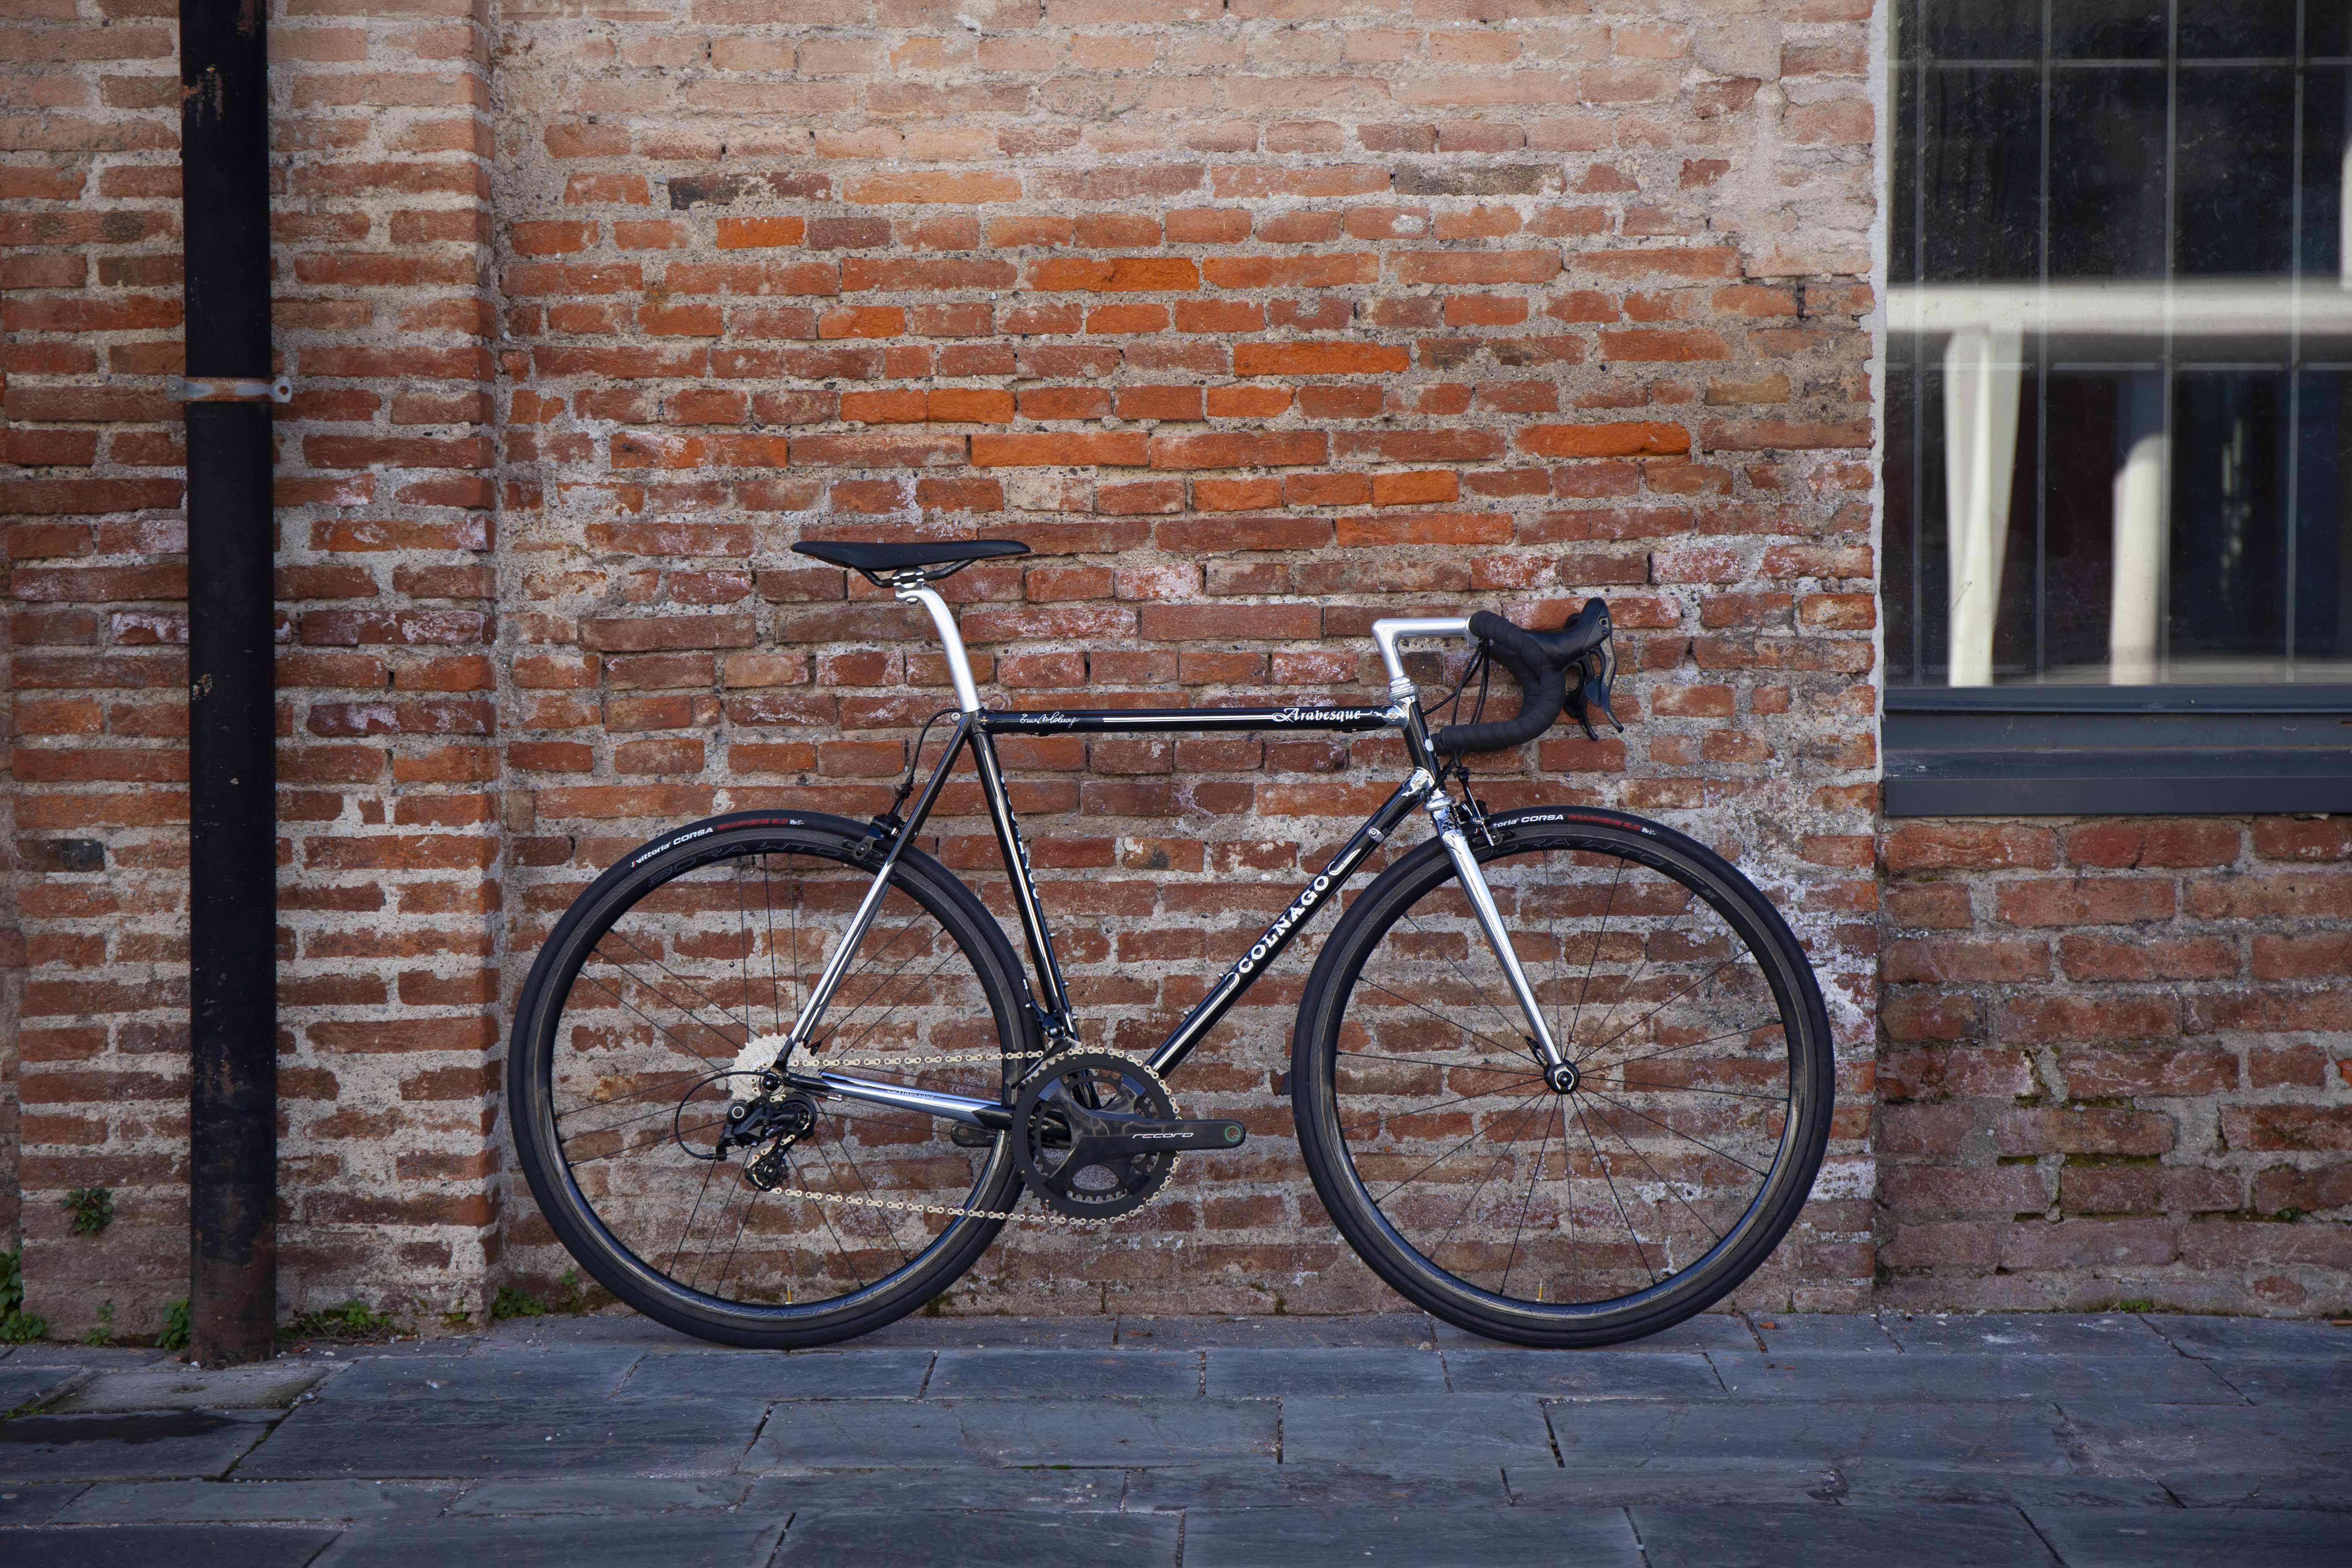 Cicli Corsa Colnago arabesque 56 Campagnolo Record Bora WTO33